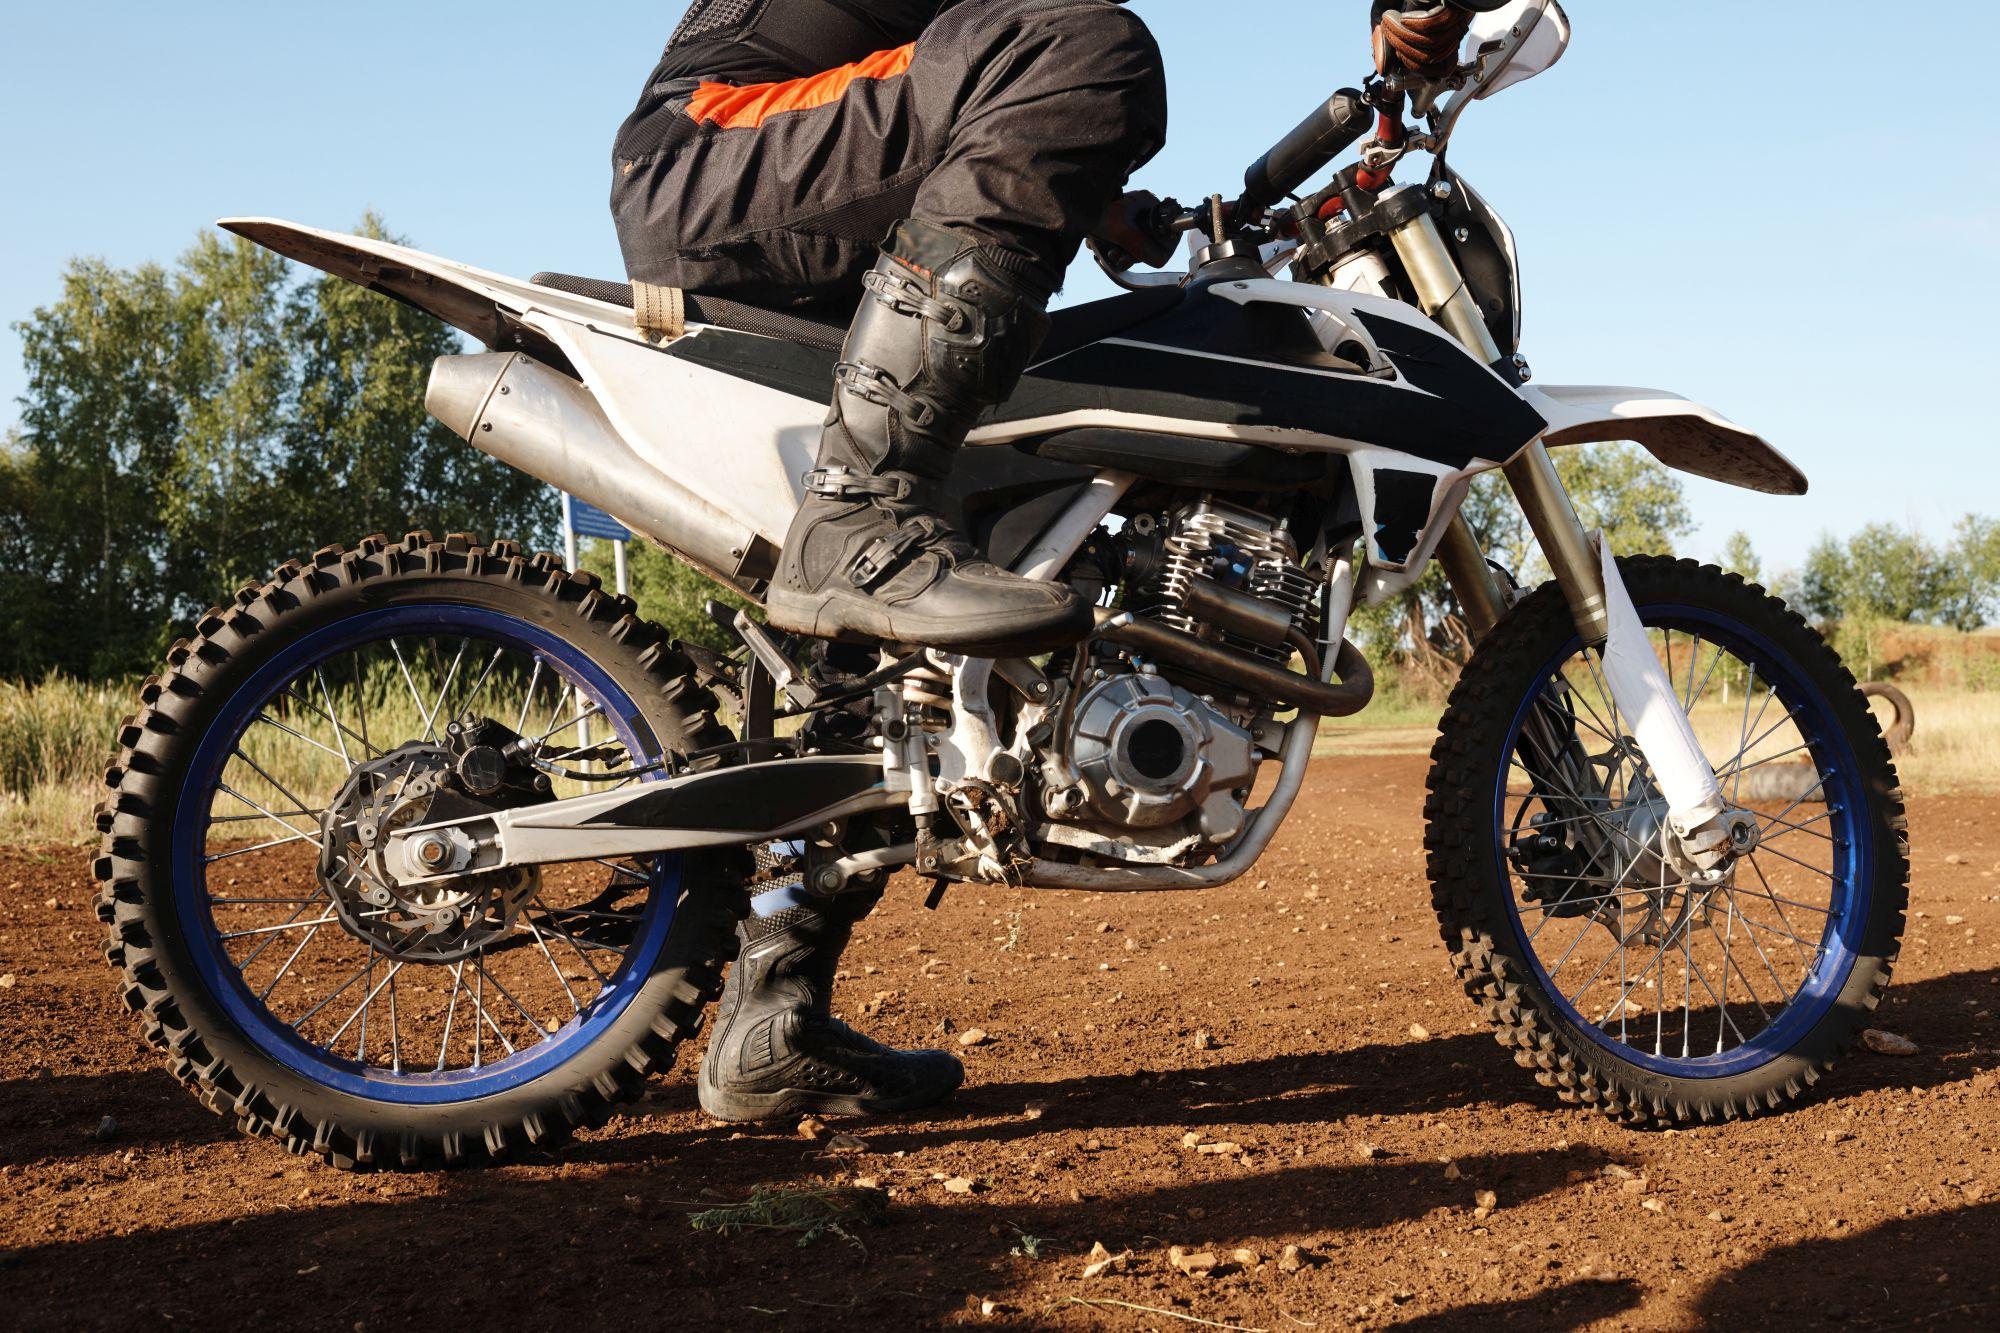 A motoros csizma fontos szerepet játszik a sérülések elkerülésében